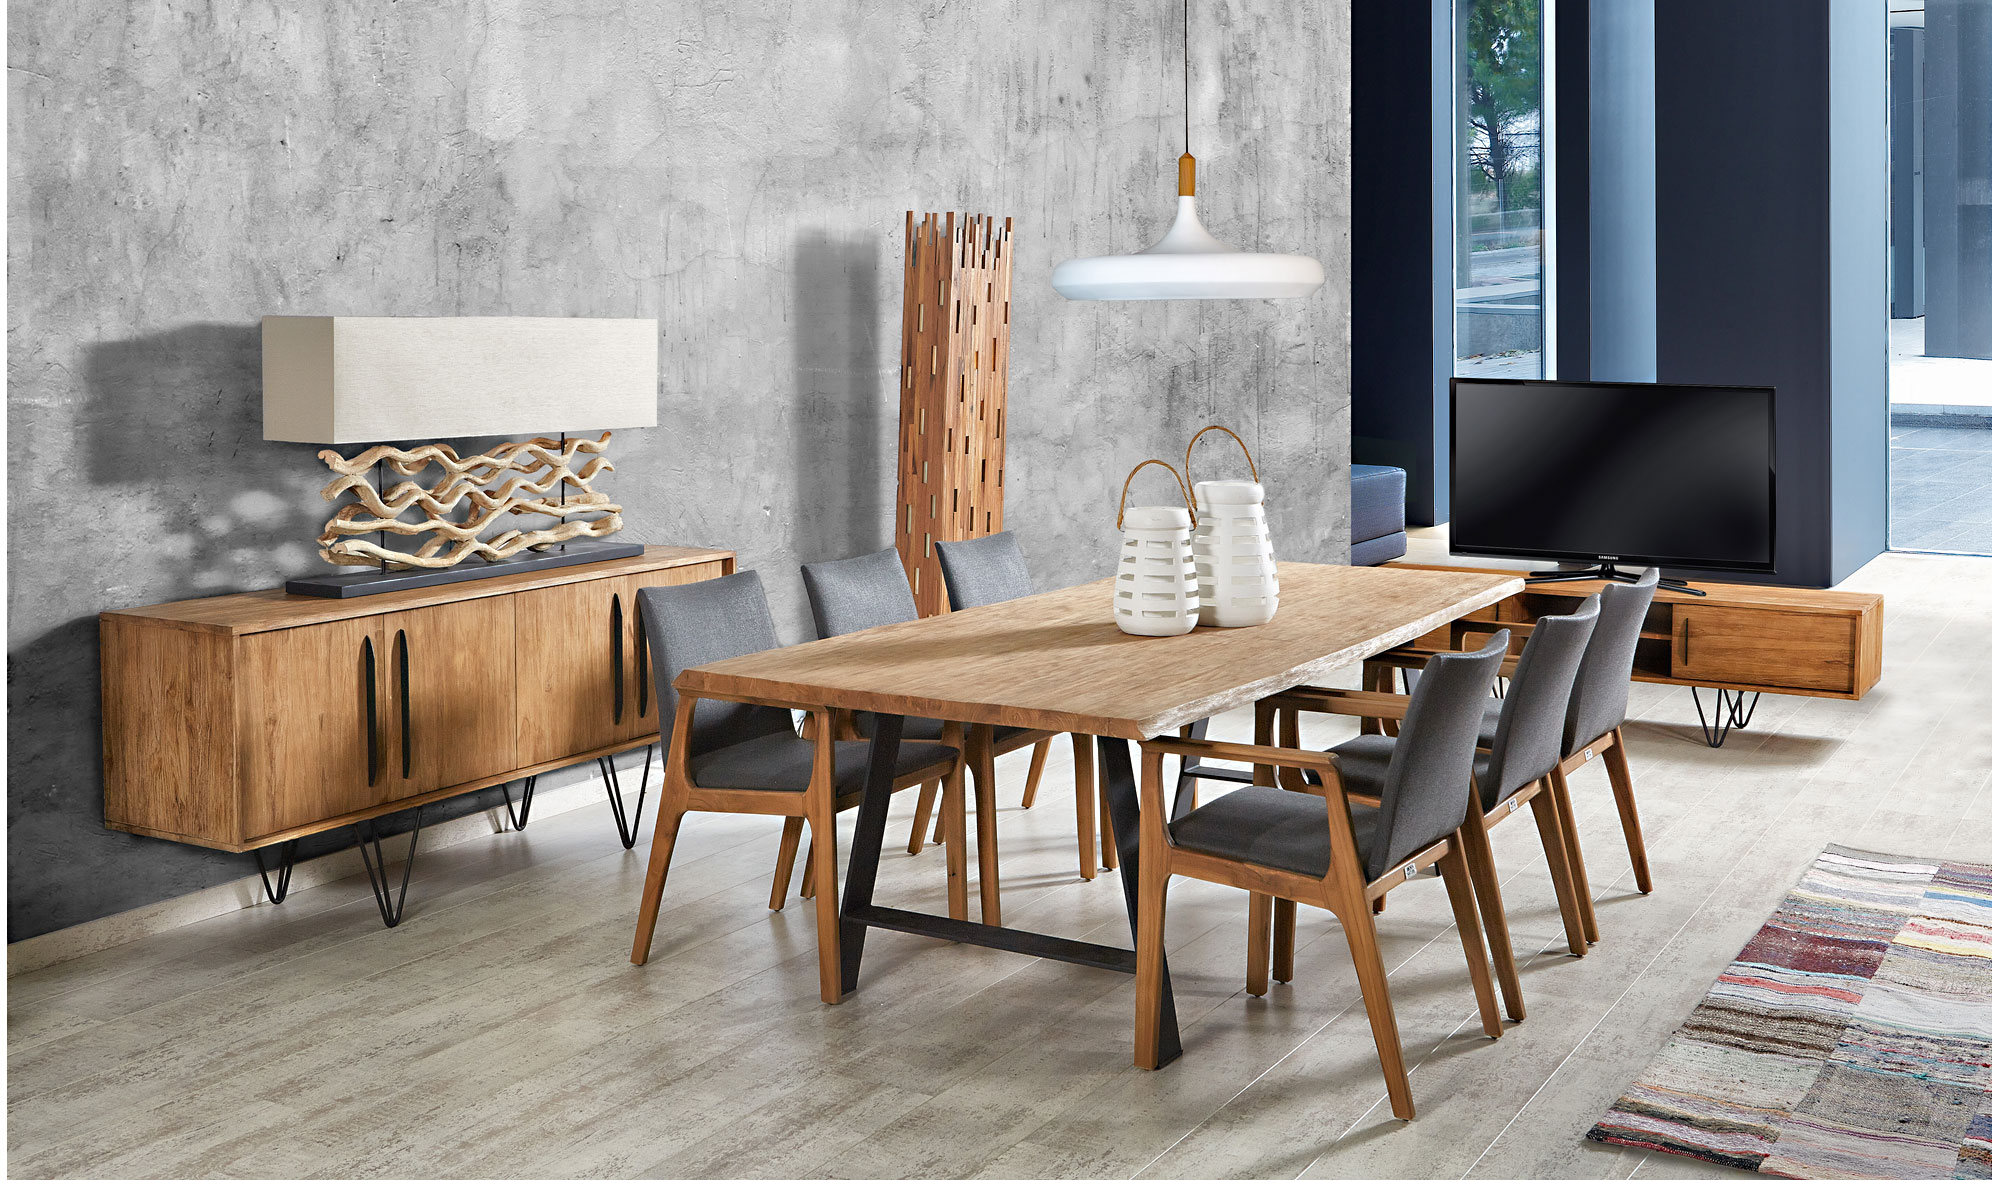 Comedor vintage lokken en for Decoracion para muebles de comedor